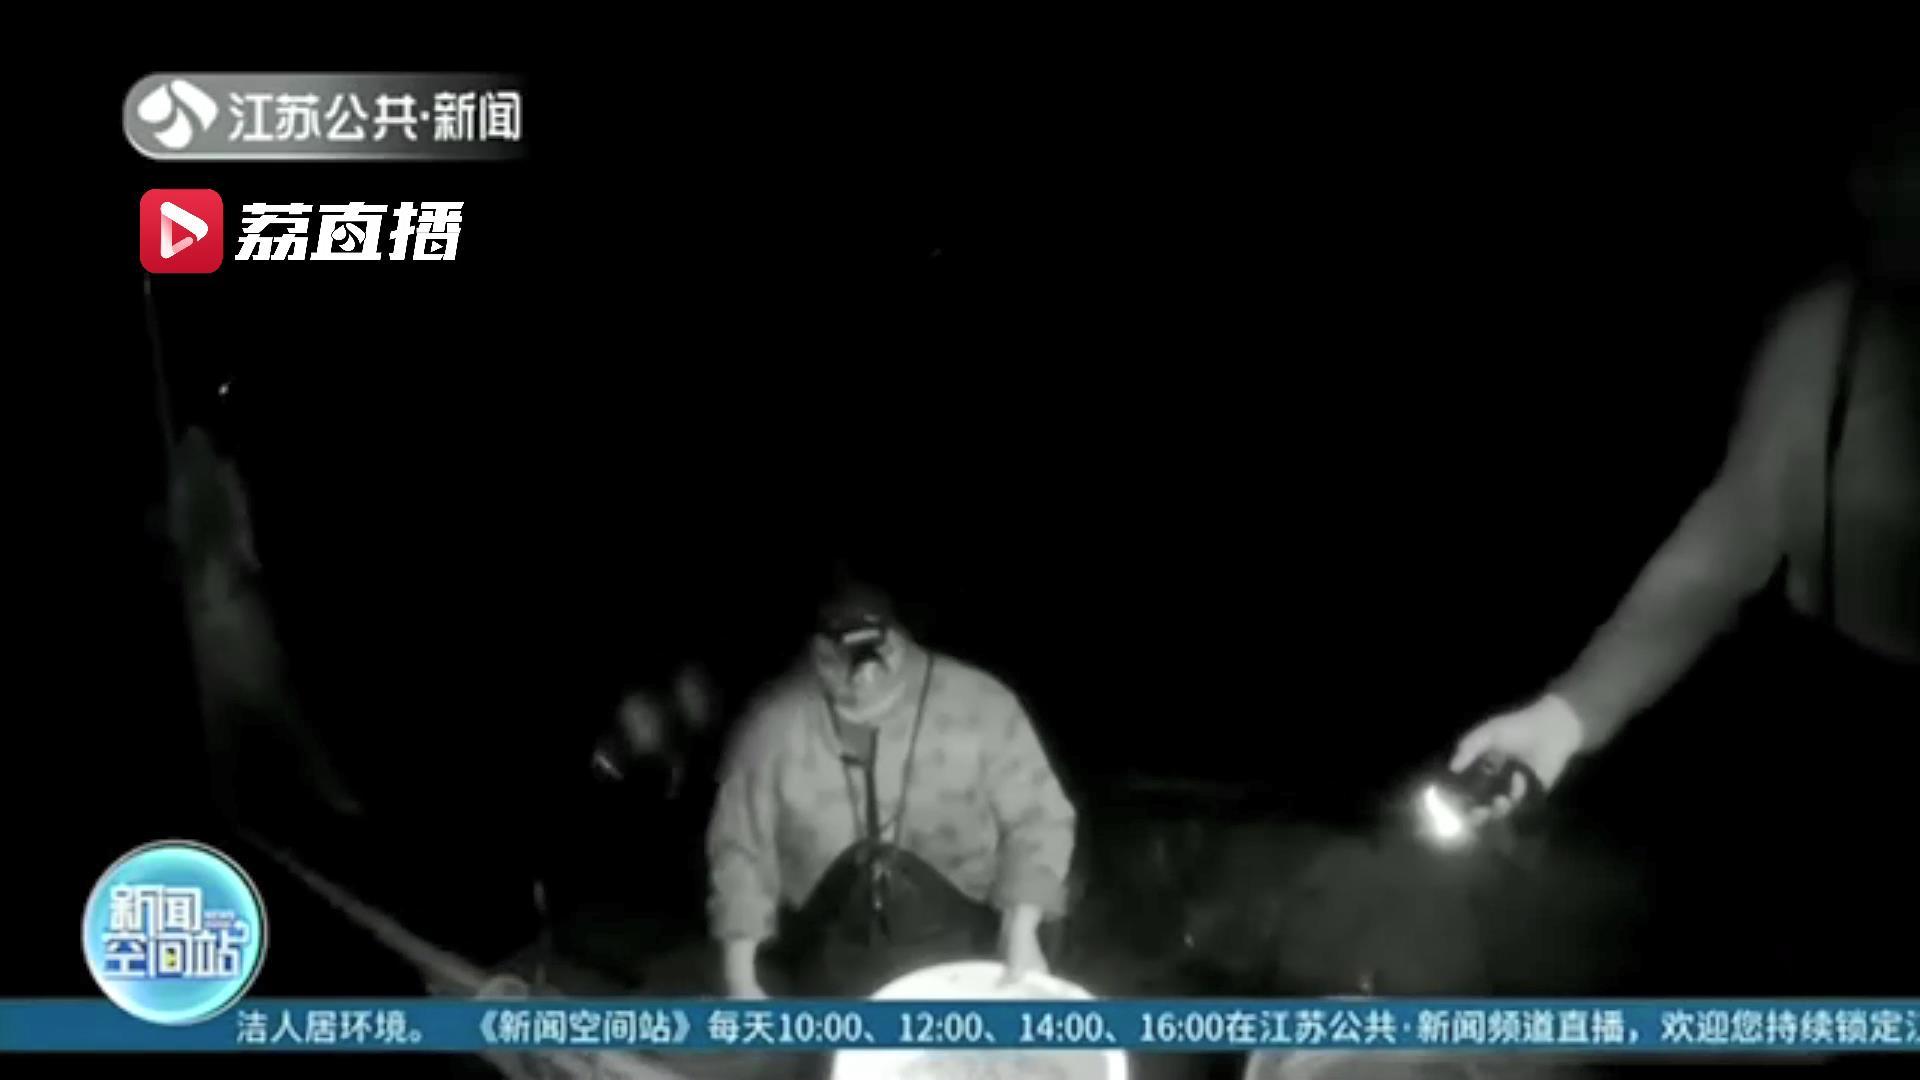 带着女儿女婿趁夜色禁渔水域悄悄收网 一家三口被执法部门逮了个正着